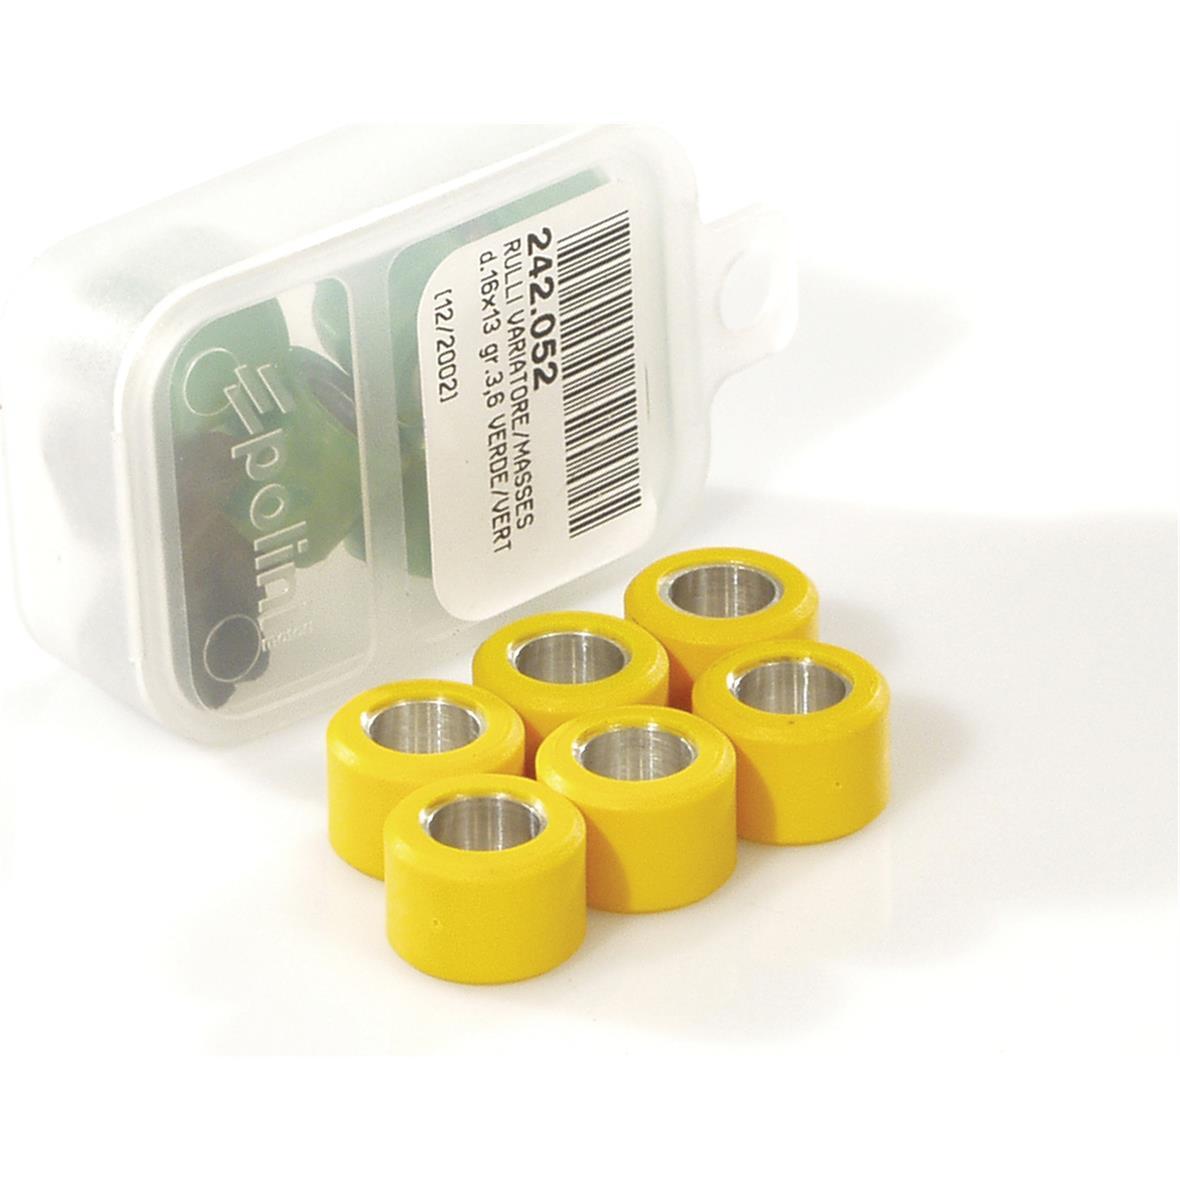 Zdjęcie produktu dla 'Rolki Variatora POLINI 17x12 mm 4,4 gTitle'